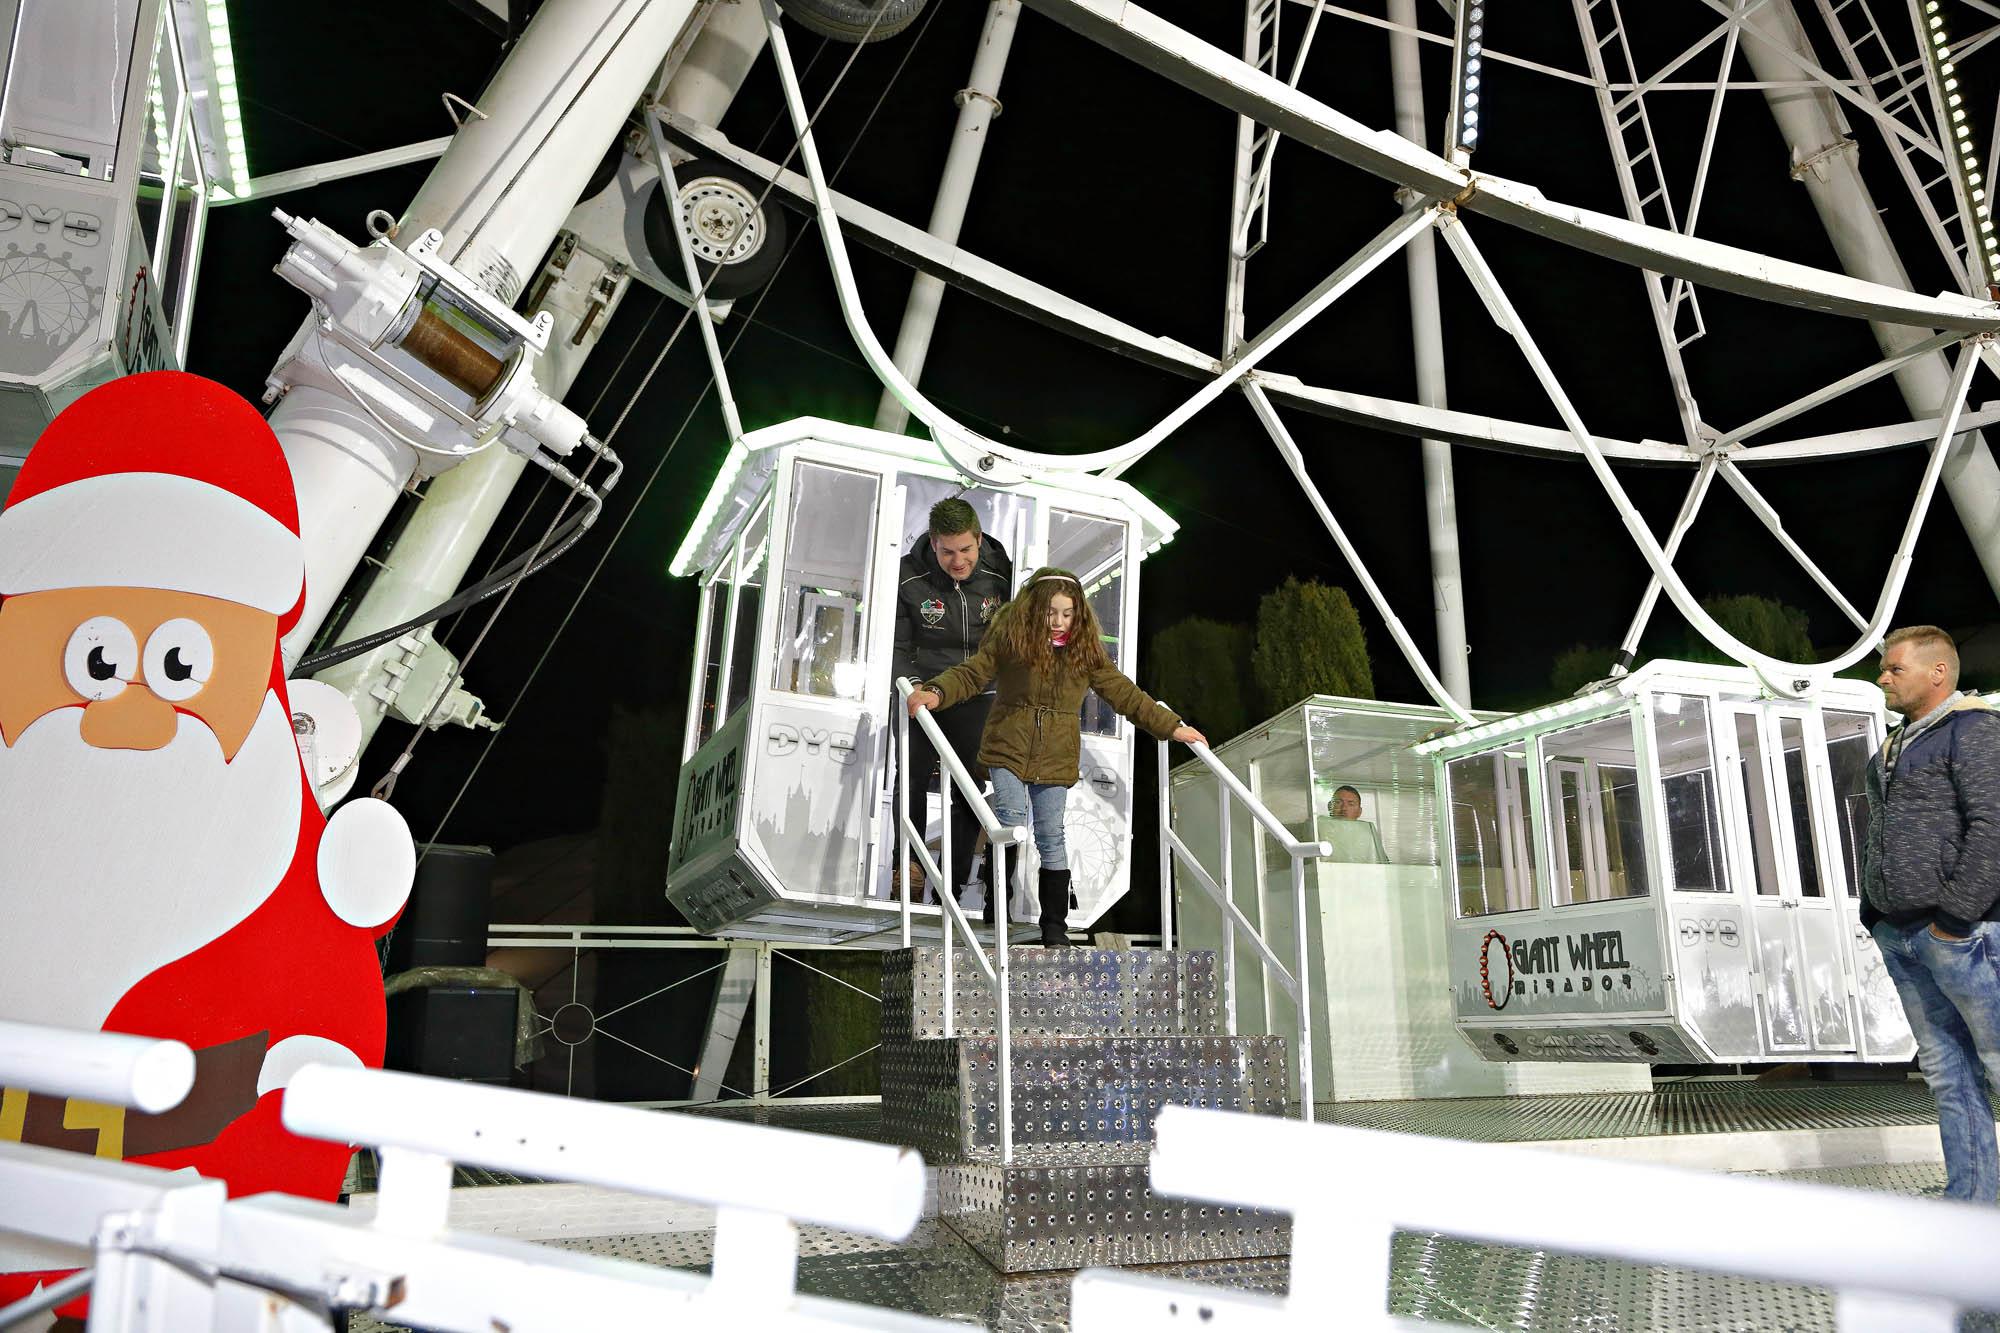 La noria del Recinto Ferial mide 40 metros de altura y ofrece vistas únicas de la ciudad.